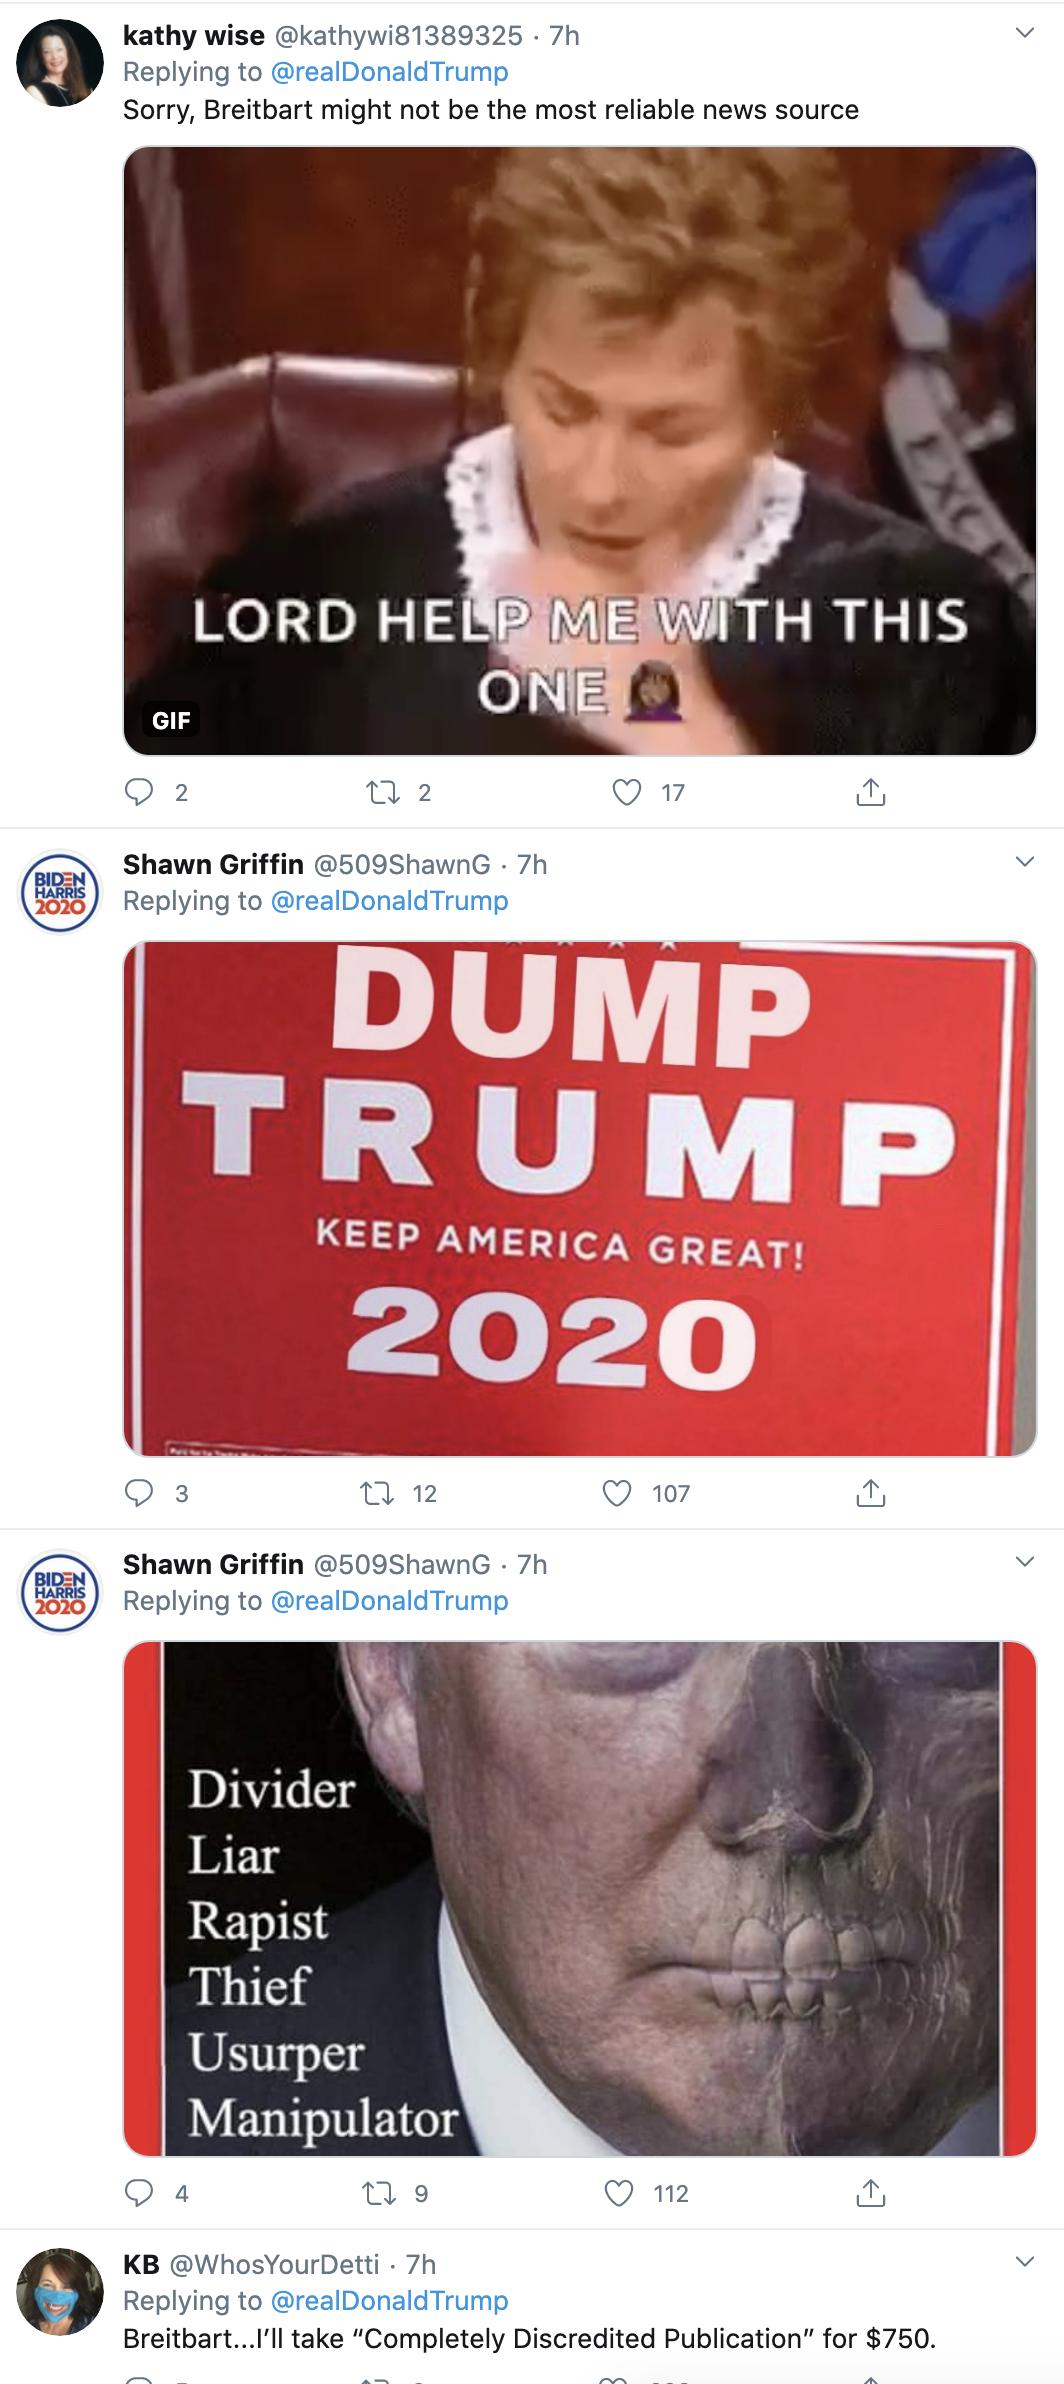 Screen-Shot-2020-09-28-at-7.30.14-AM Federal Judge Embarrasses Trump & Overrules His Executive Order Featured Politics Social Media The Internet Top Stories